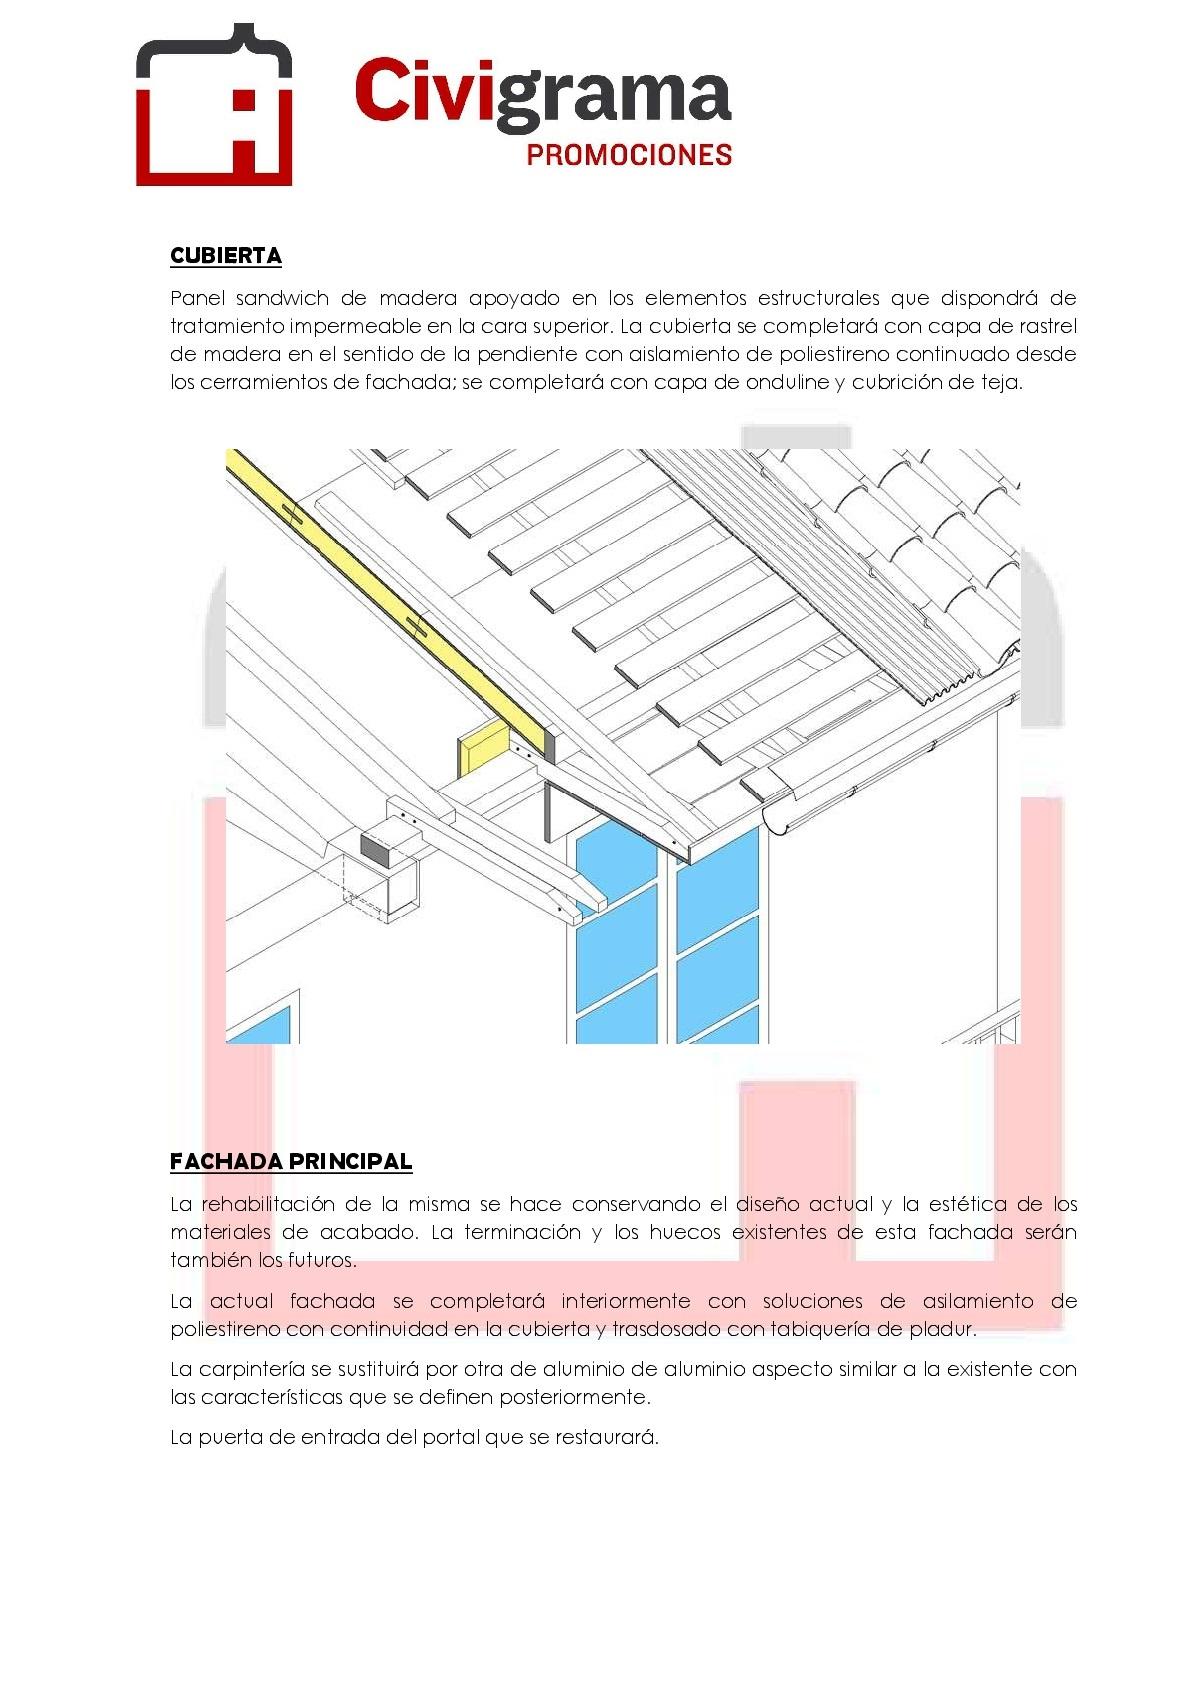 -eu-west-1.amazonaws.com/mobilia/Portals/inmoatrio/Images/3757/2217369